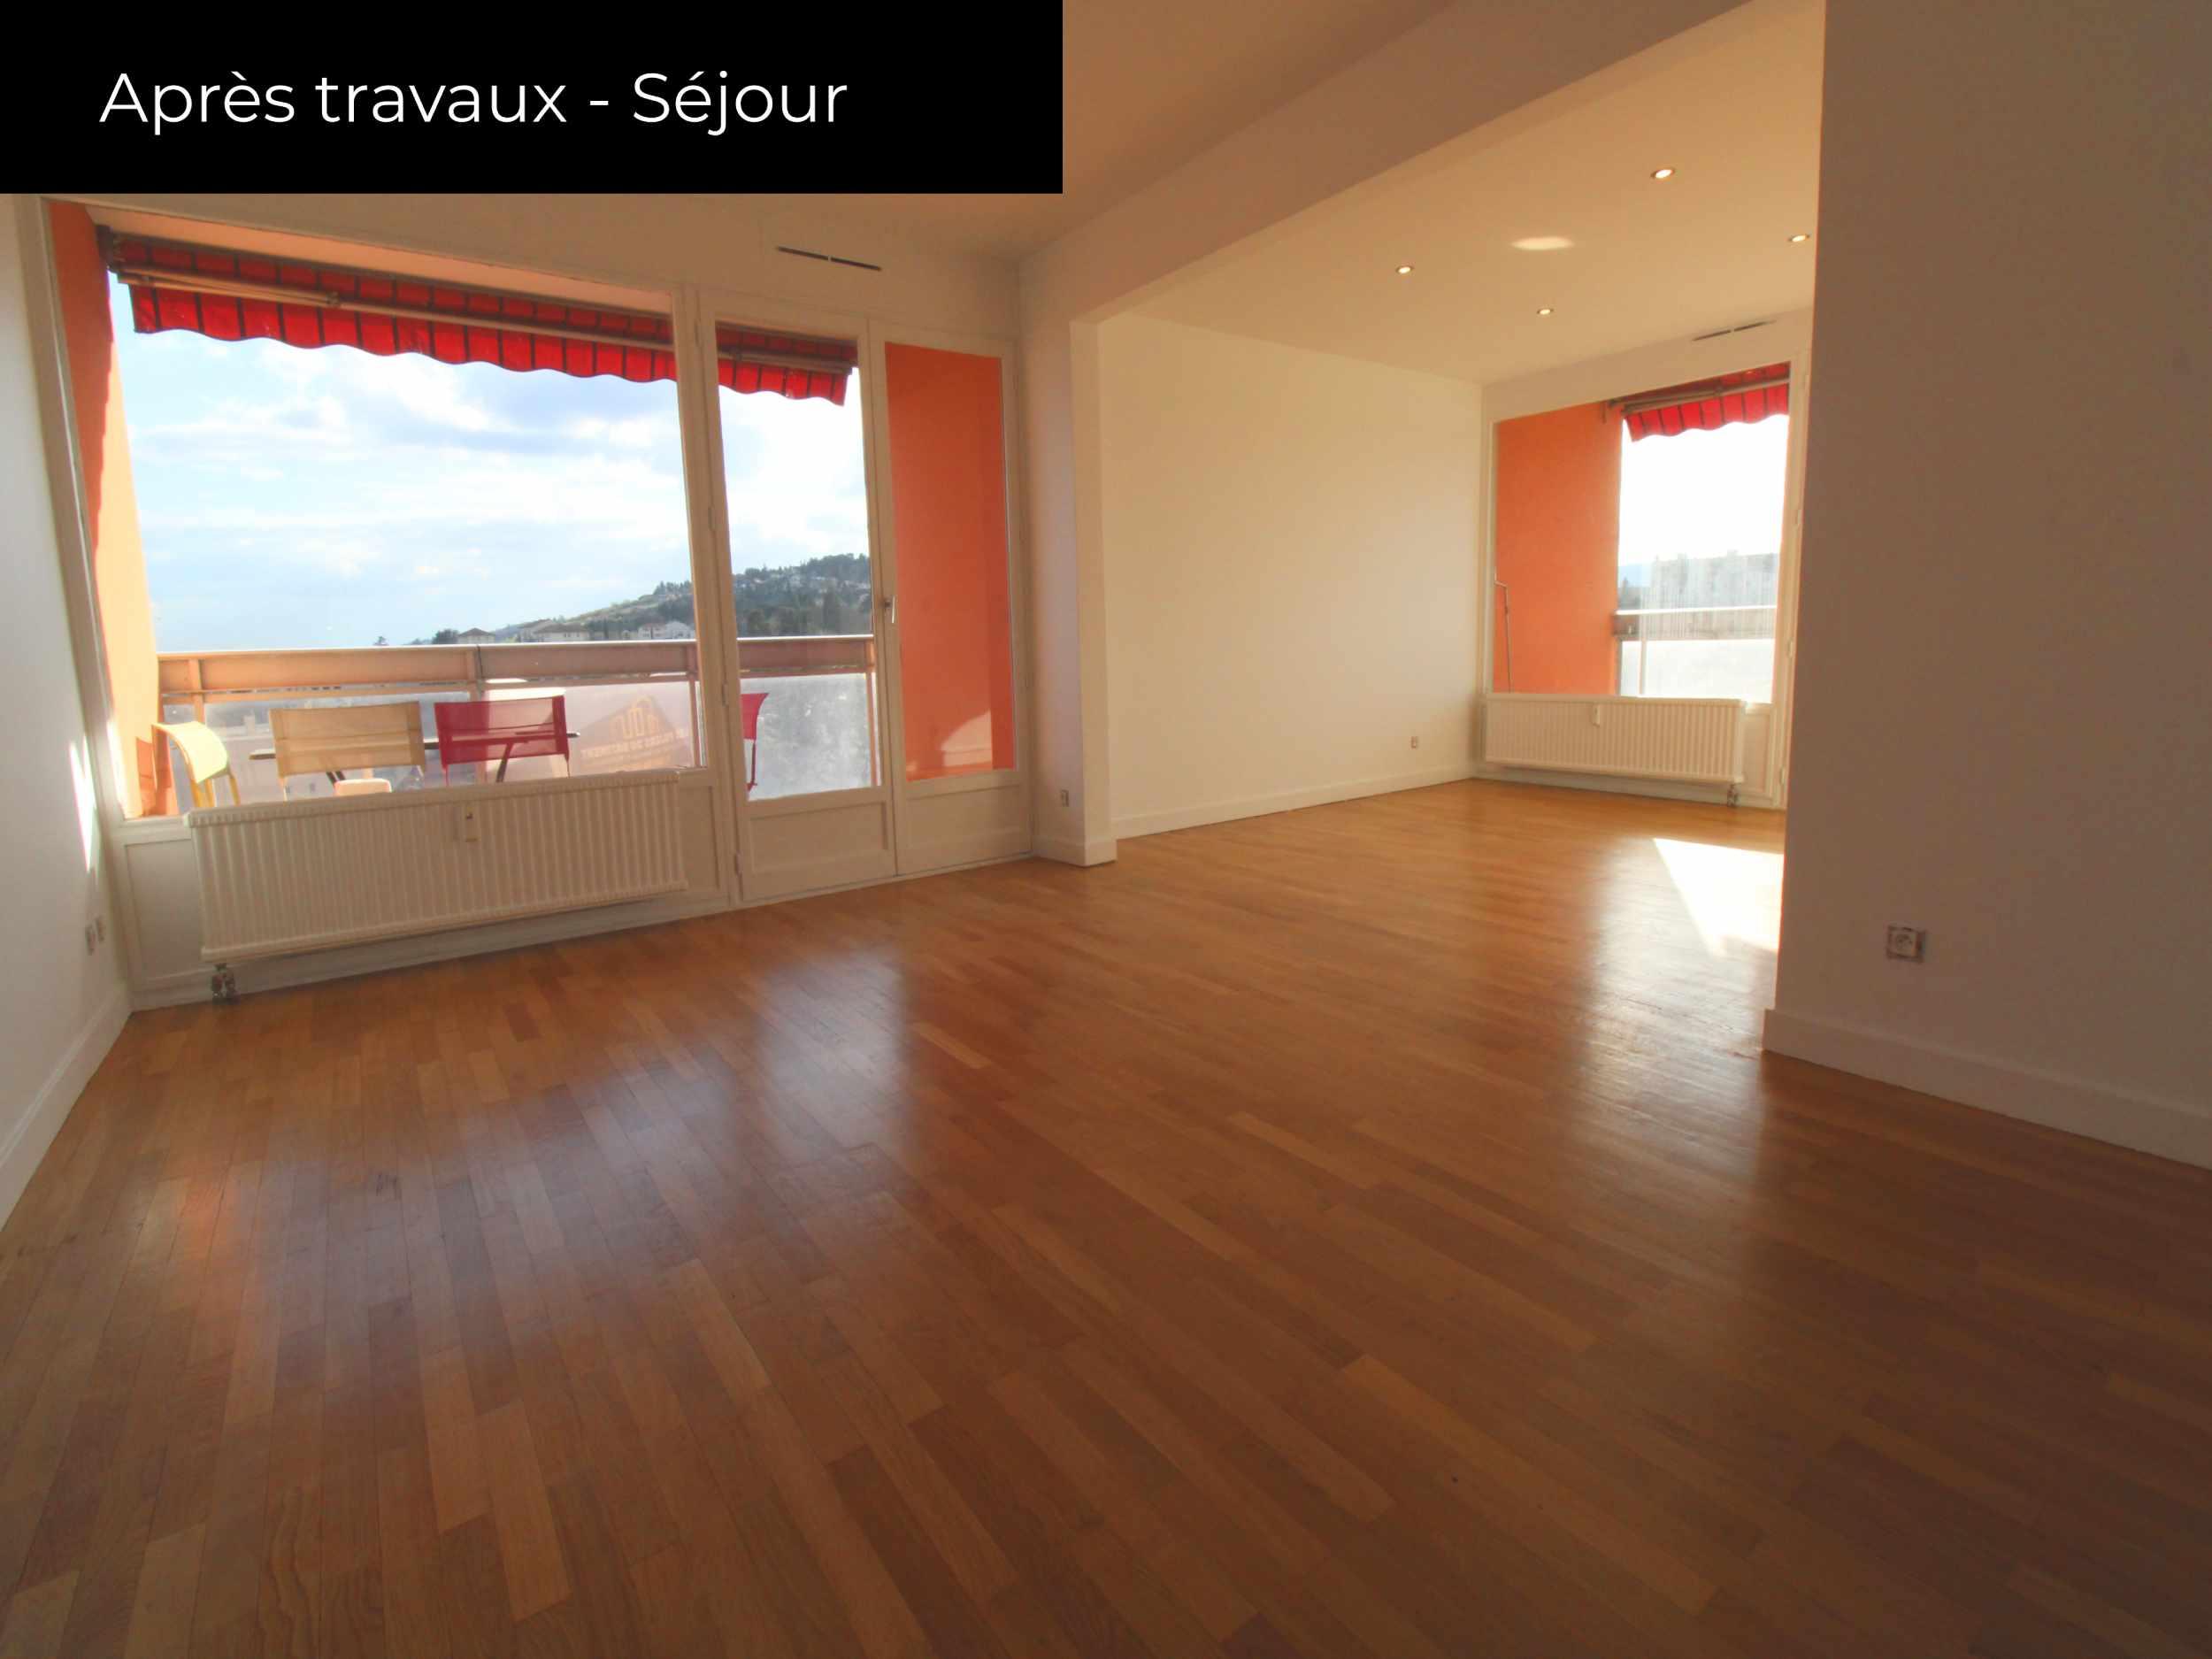 renovation-appartement-lyon-sejour-apres-3